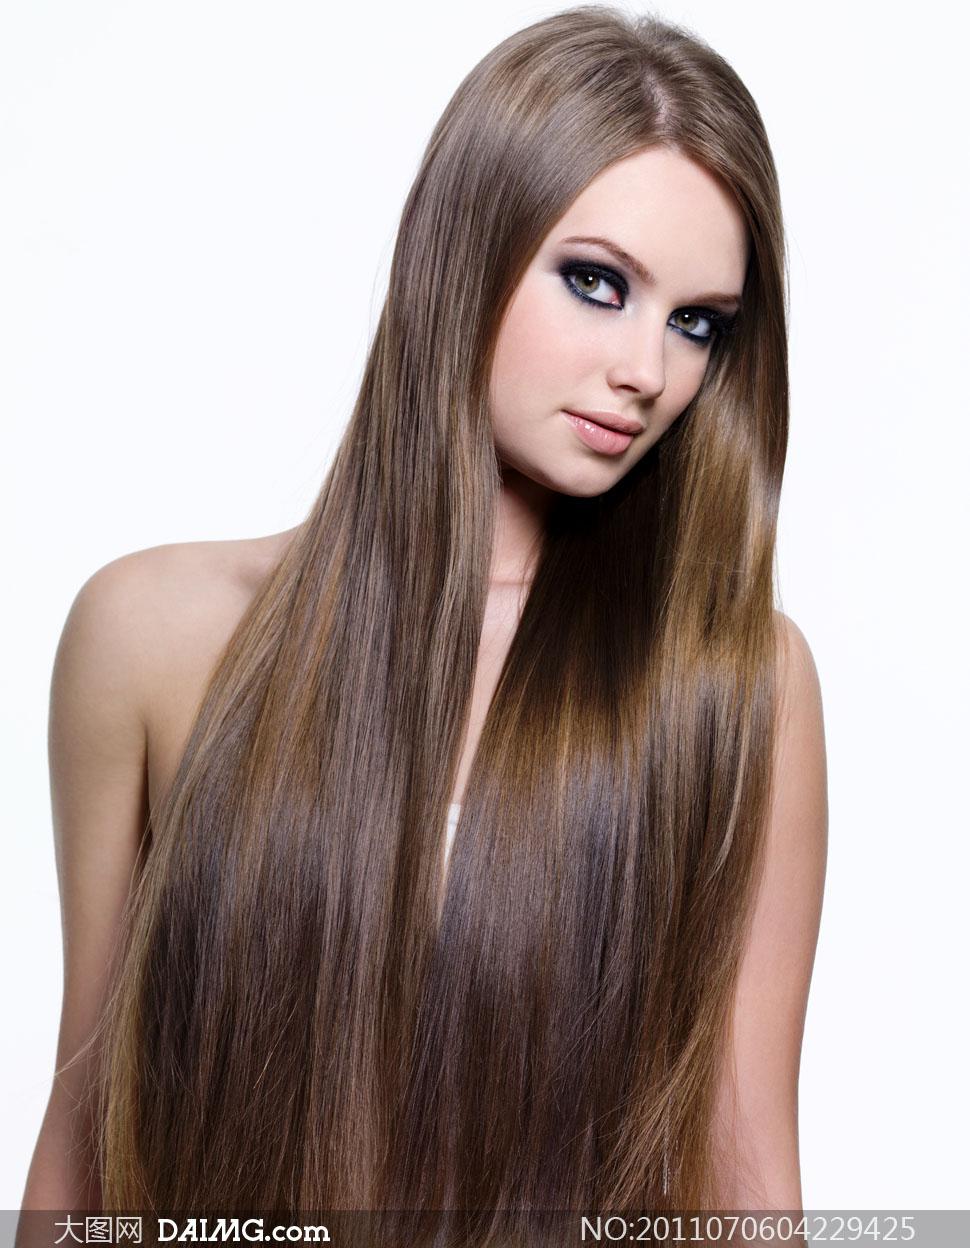 顺滑秀发美女人物高清摄影图片